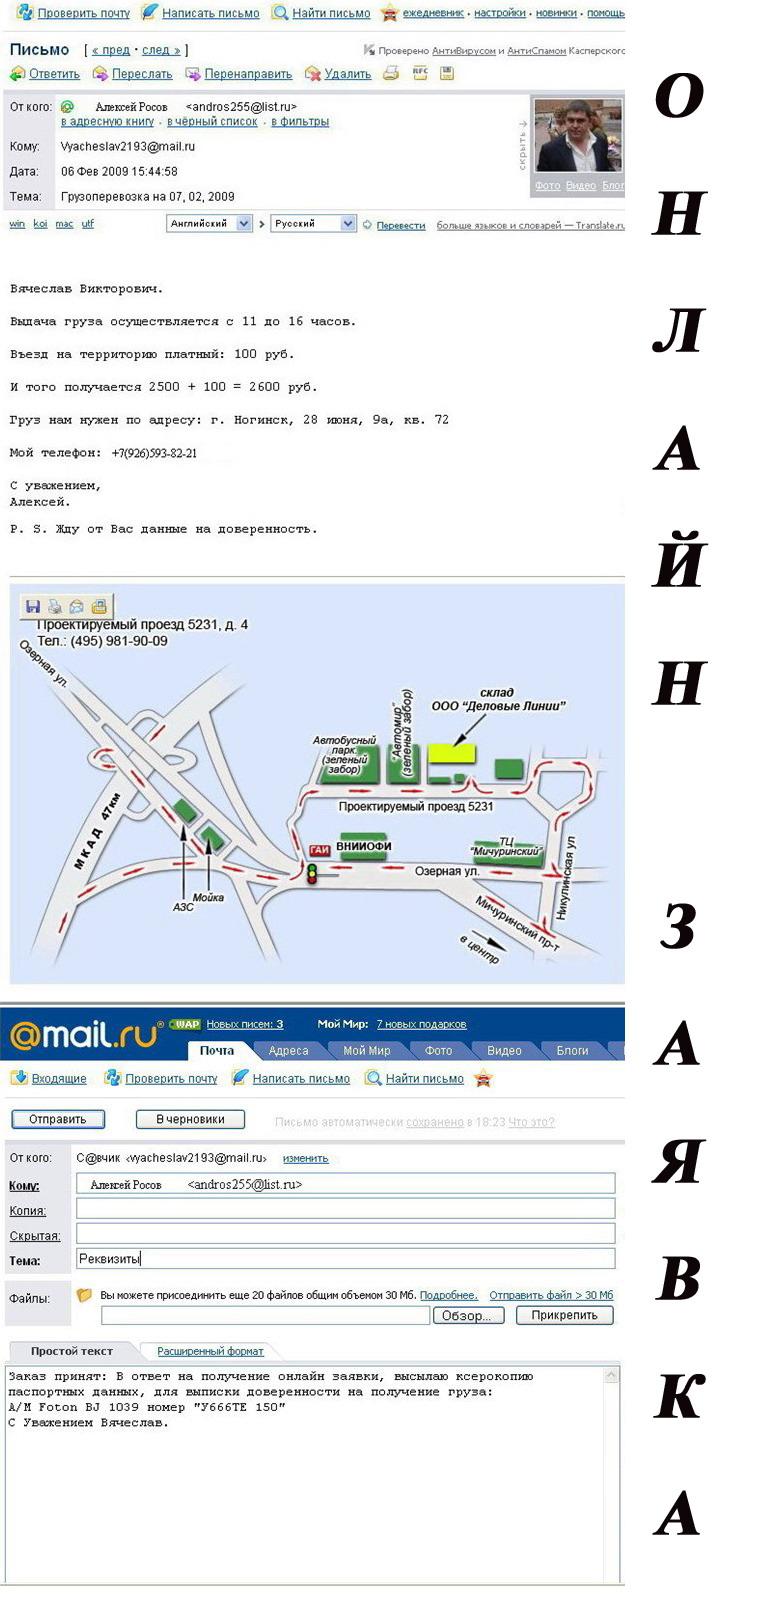 http://noginsk.ucoz.com/ipg3/3c111834332dd.jpg